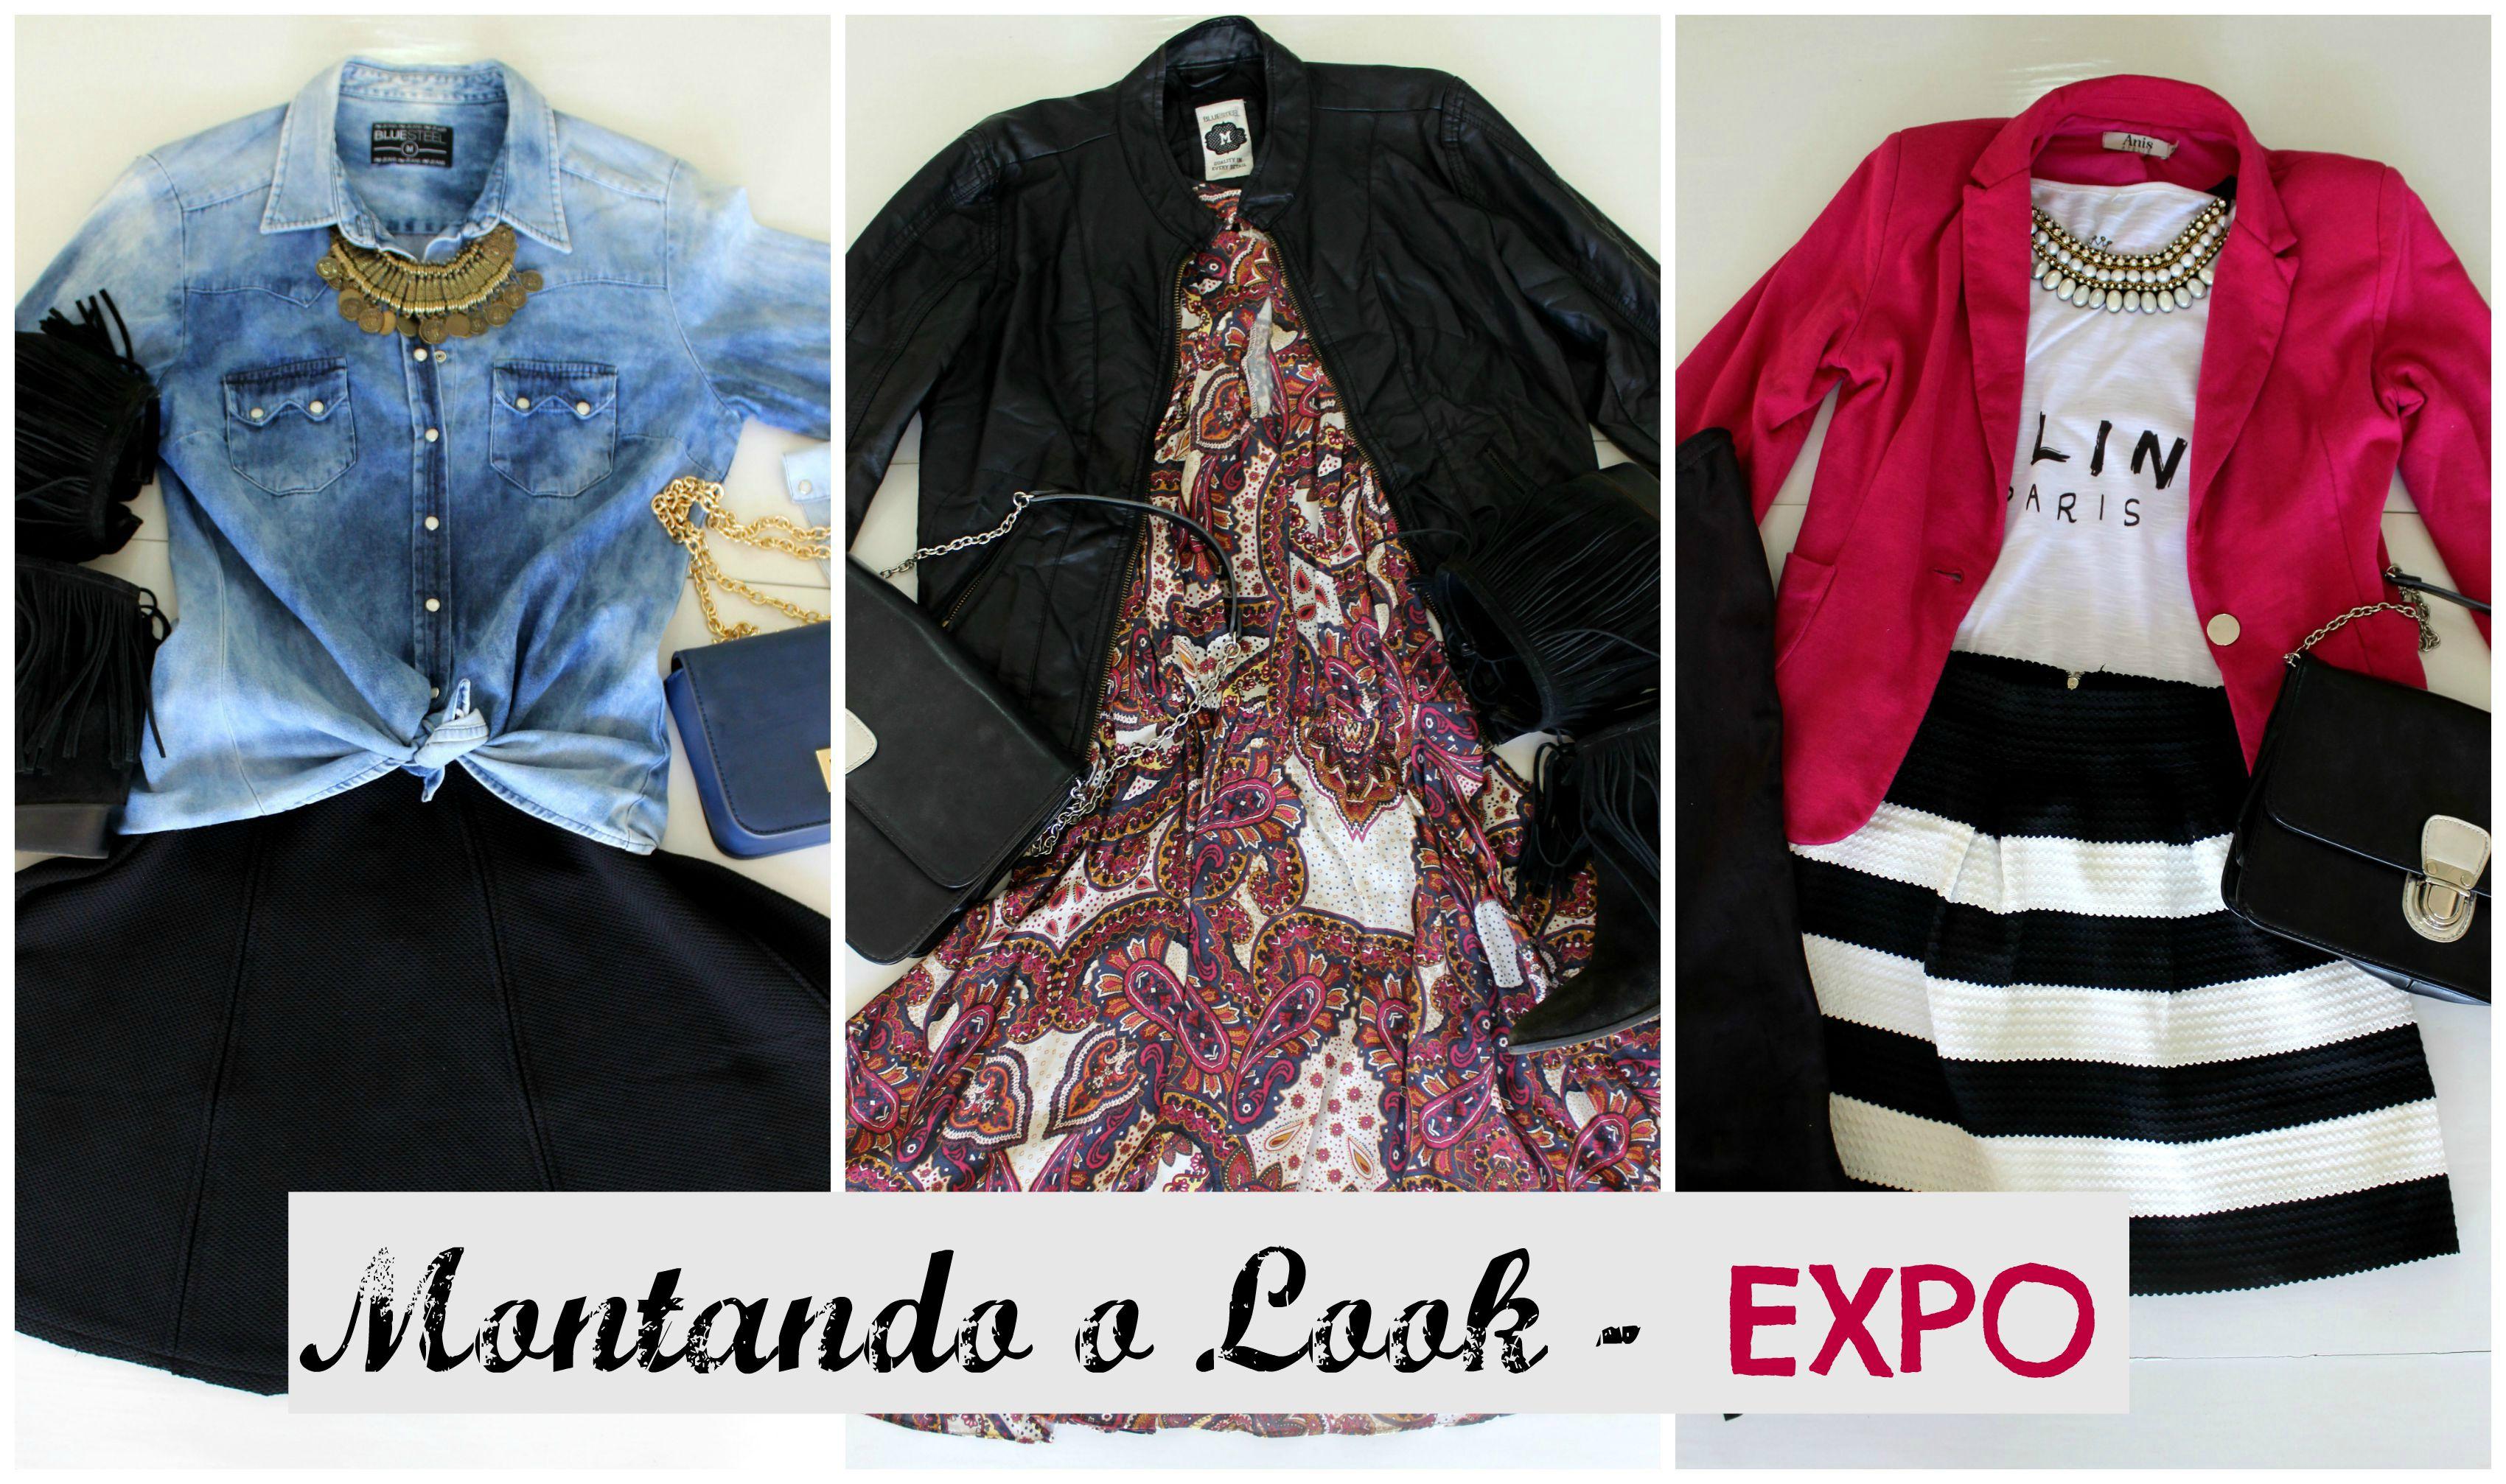 montando o look-expo